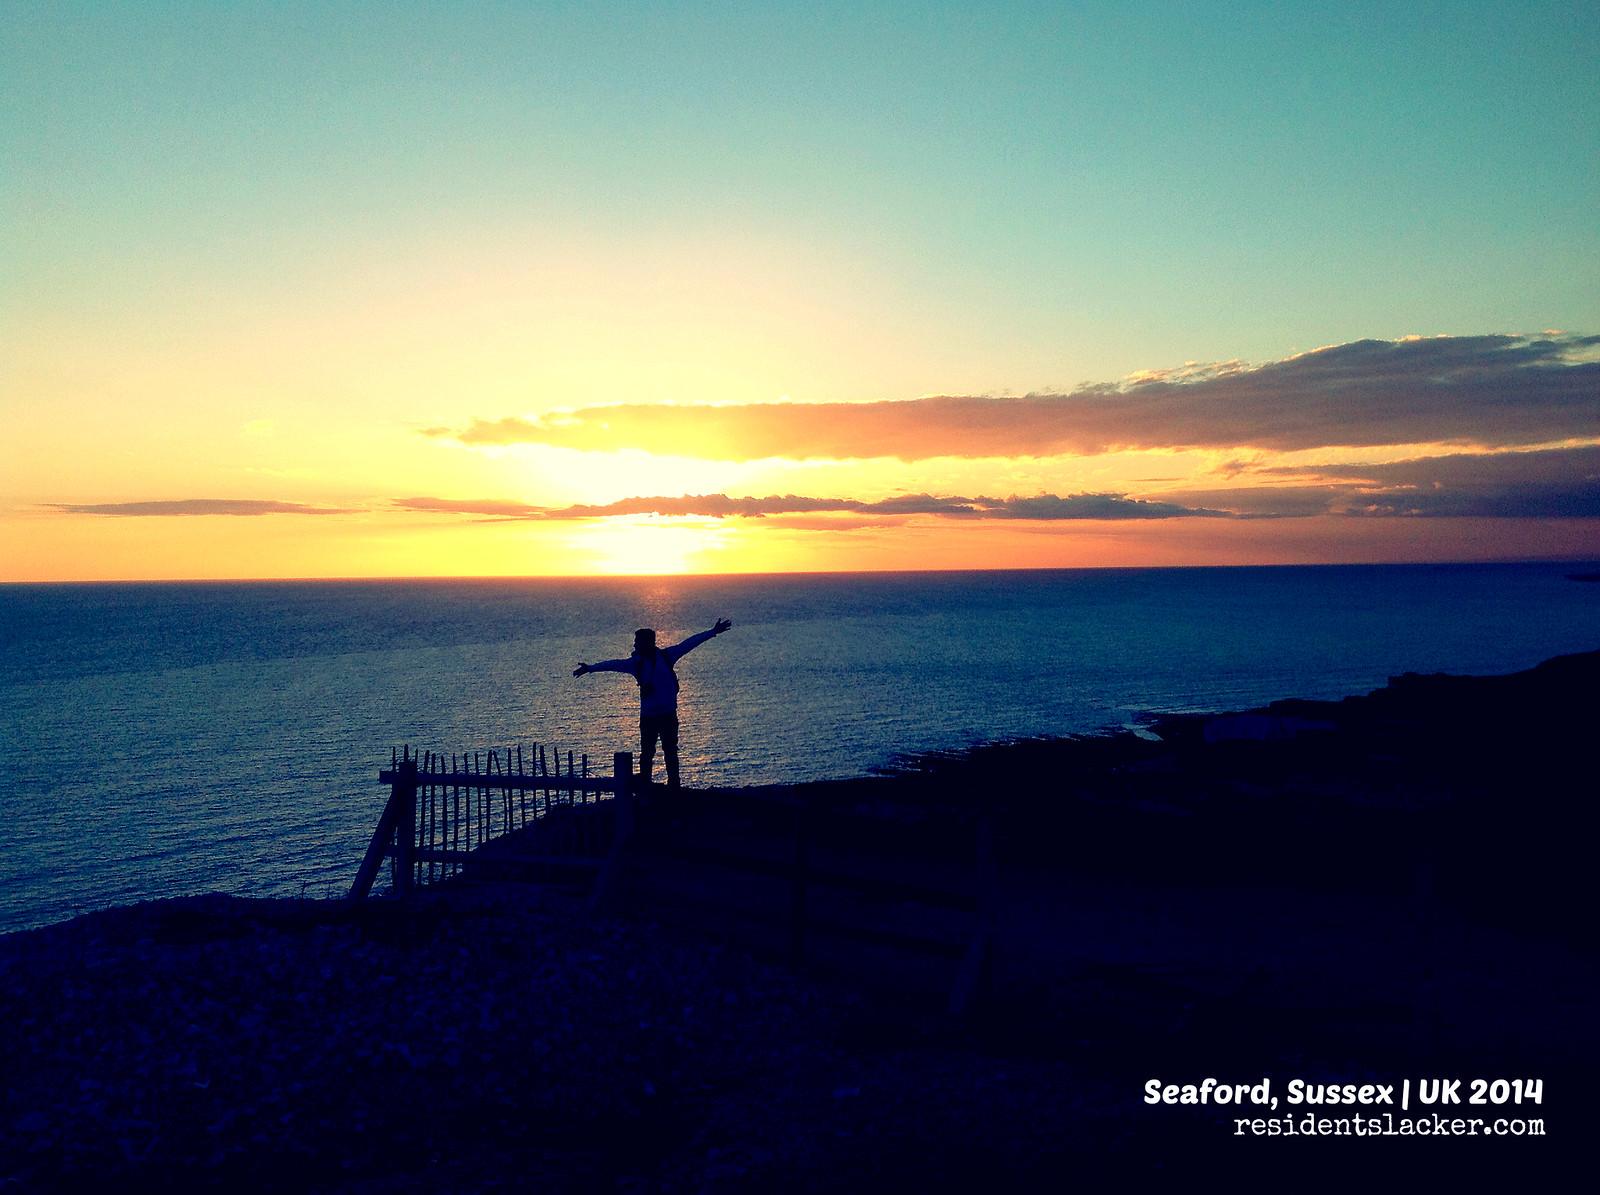 Seaford_08